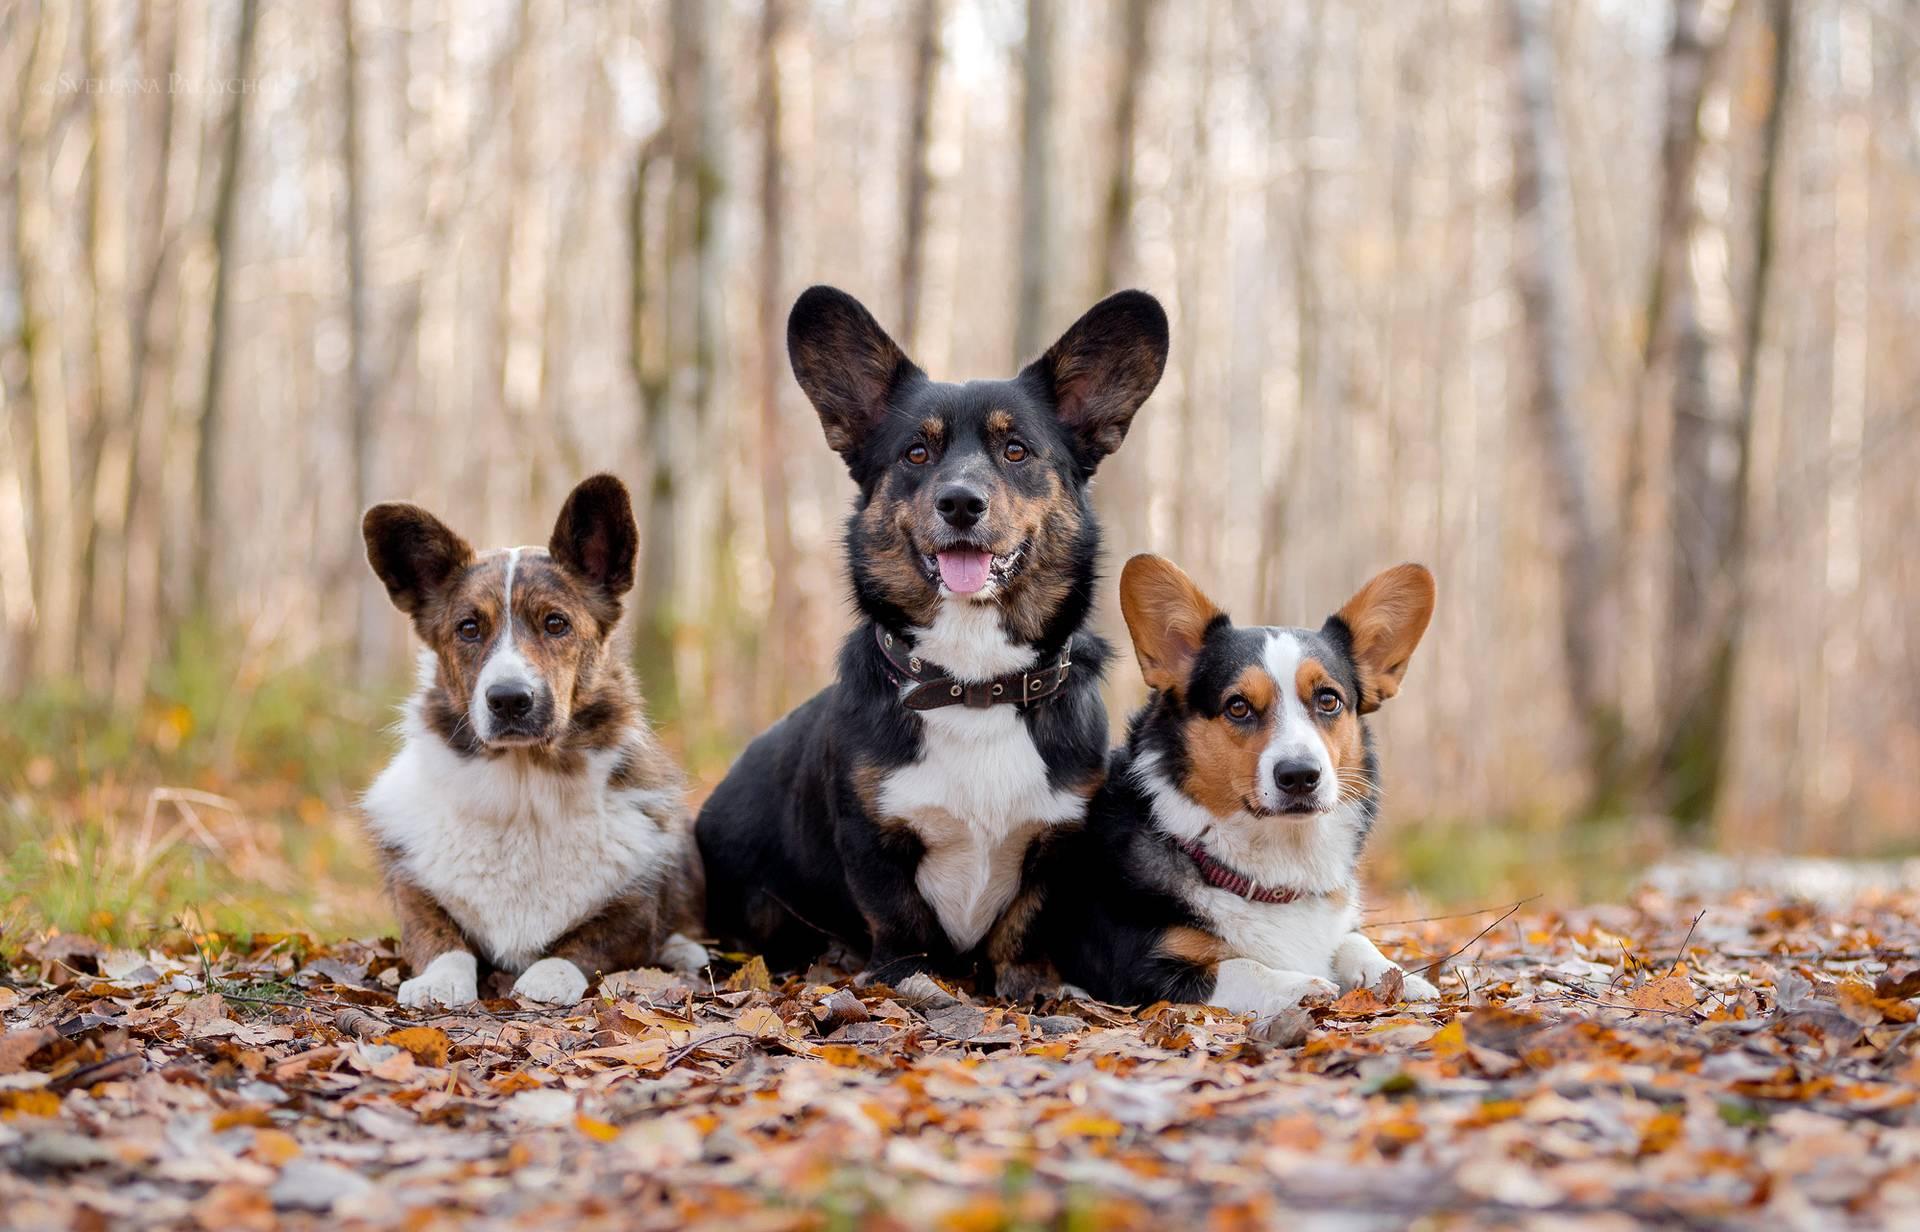 Вельши корги пемброк: отличия породы от кардигана, список питомников с ценой, фото собак и щенков, описание и характеристика стандарта с окрасами и отзывы владельцев